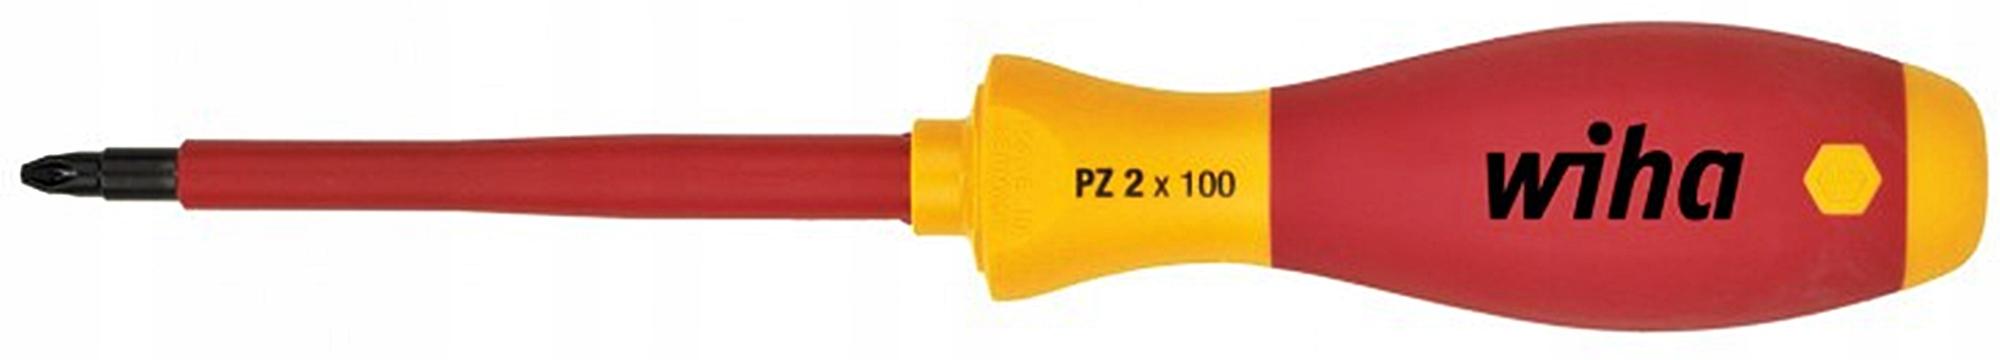 Skrutkovač krížový PZ2 x 100mm 1000V 00879 WIHA